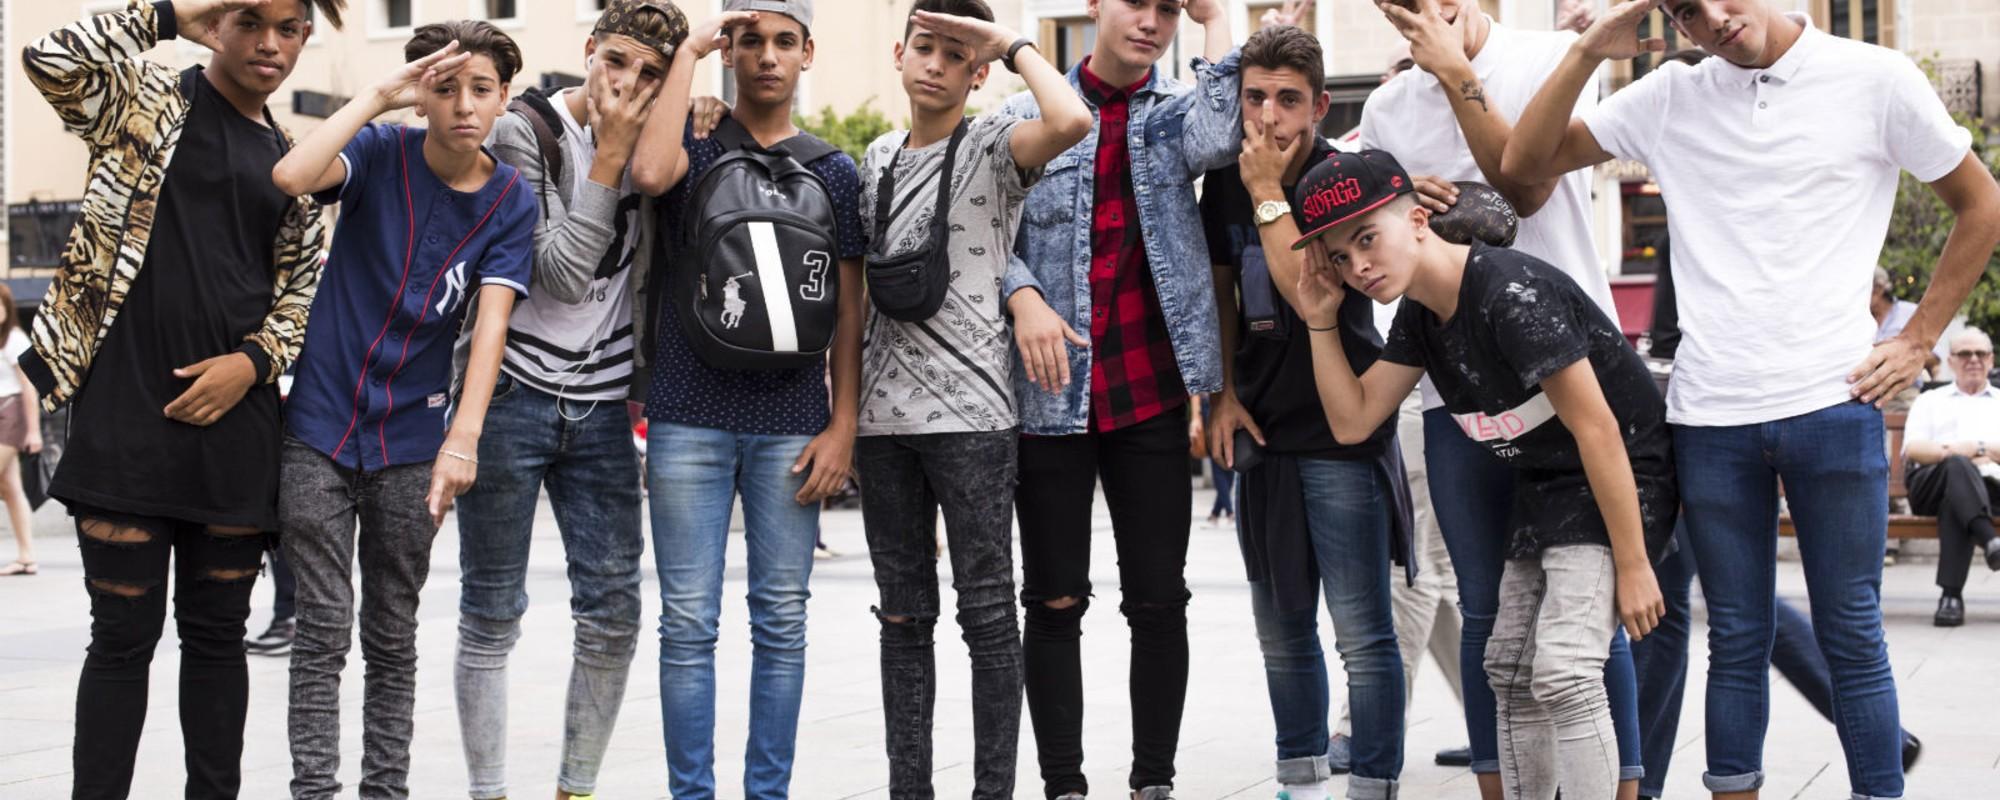 Así son los swaggers de la Plaza de la Ópera de Madrid